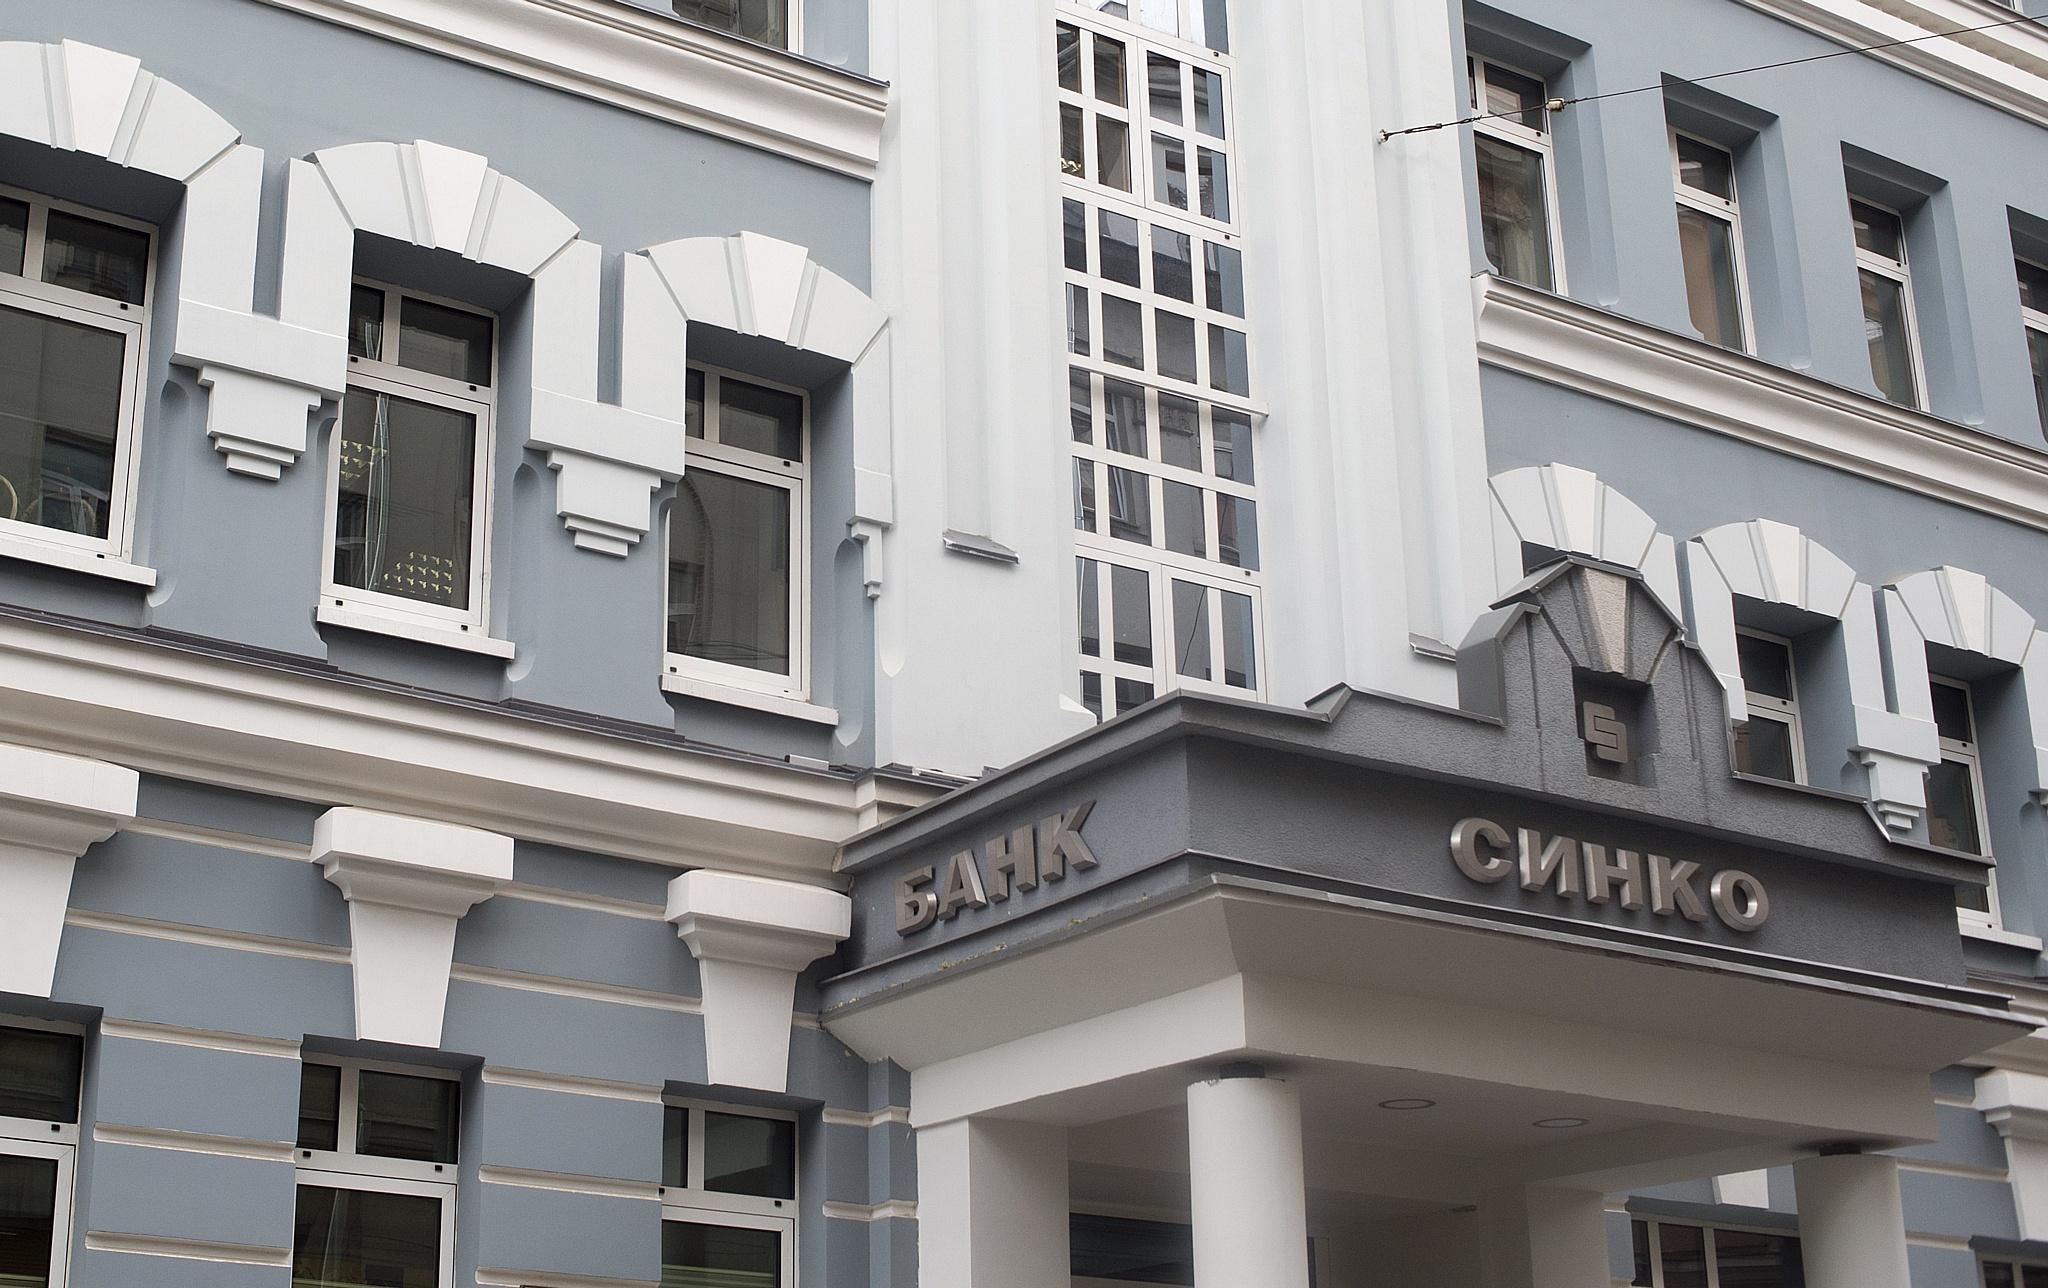 Синко-Банк: курс на технологическое развитие и новые продукты для бизнеса.